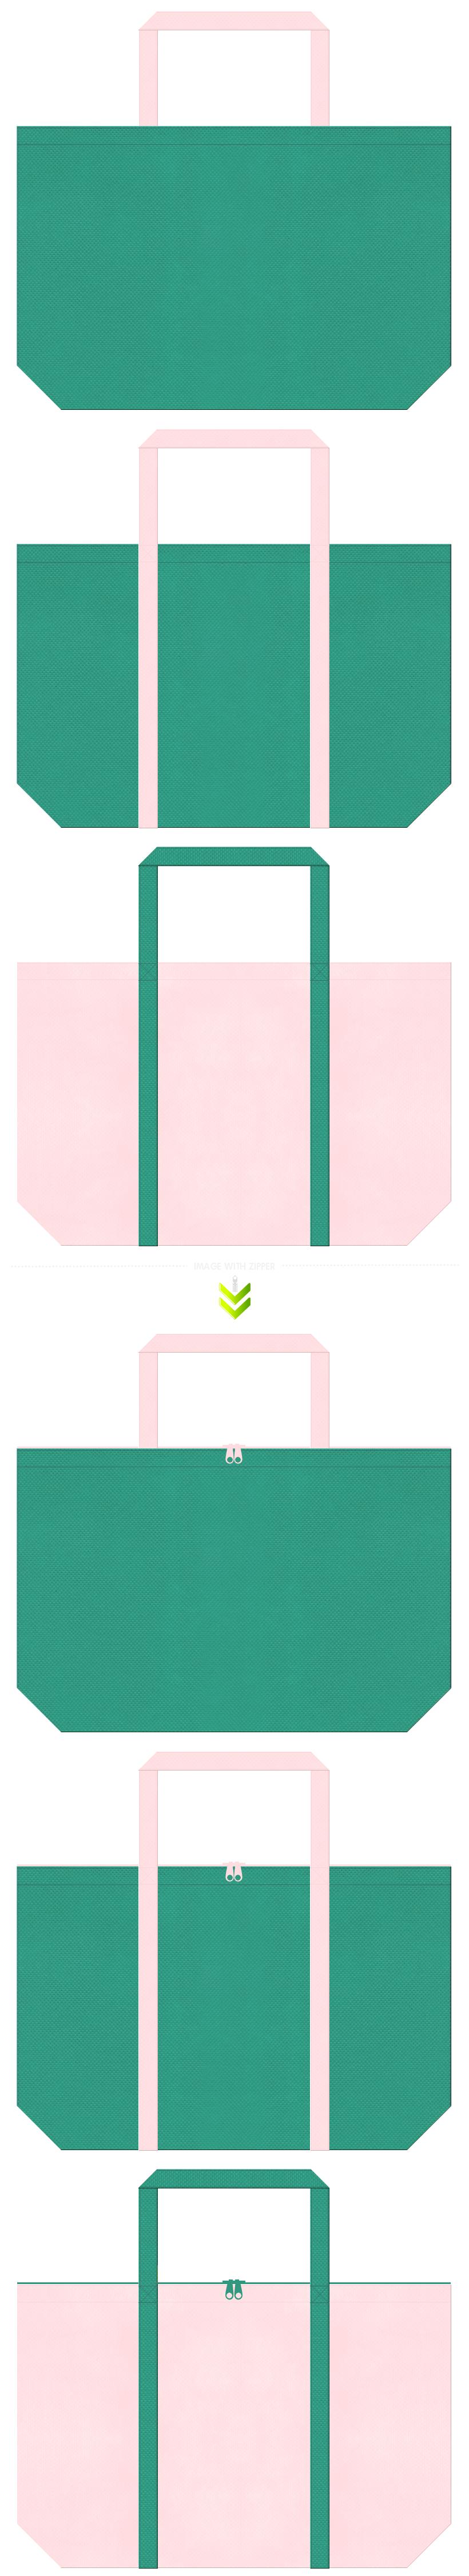 シャンプー・石鹸・洗剤・入浴剤・バス用品・お掃除用品・家庭用品のショッピングバッグにお奨めの不織布バッグのデザイン:青緑色と桜色のコーデ